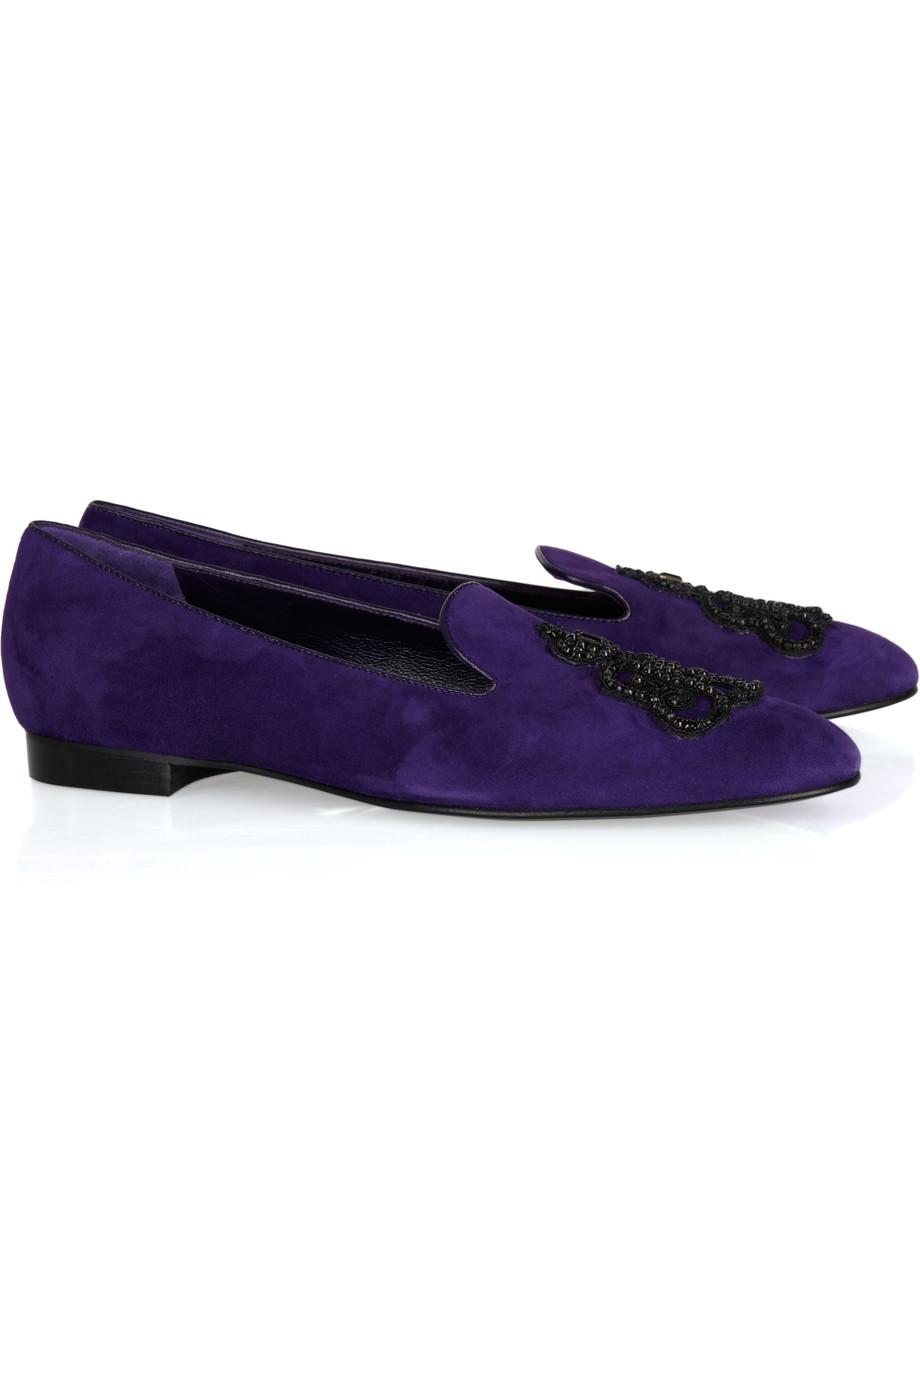 Ralph Lauren Collection Blue Crocodile Shoes